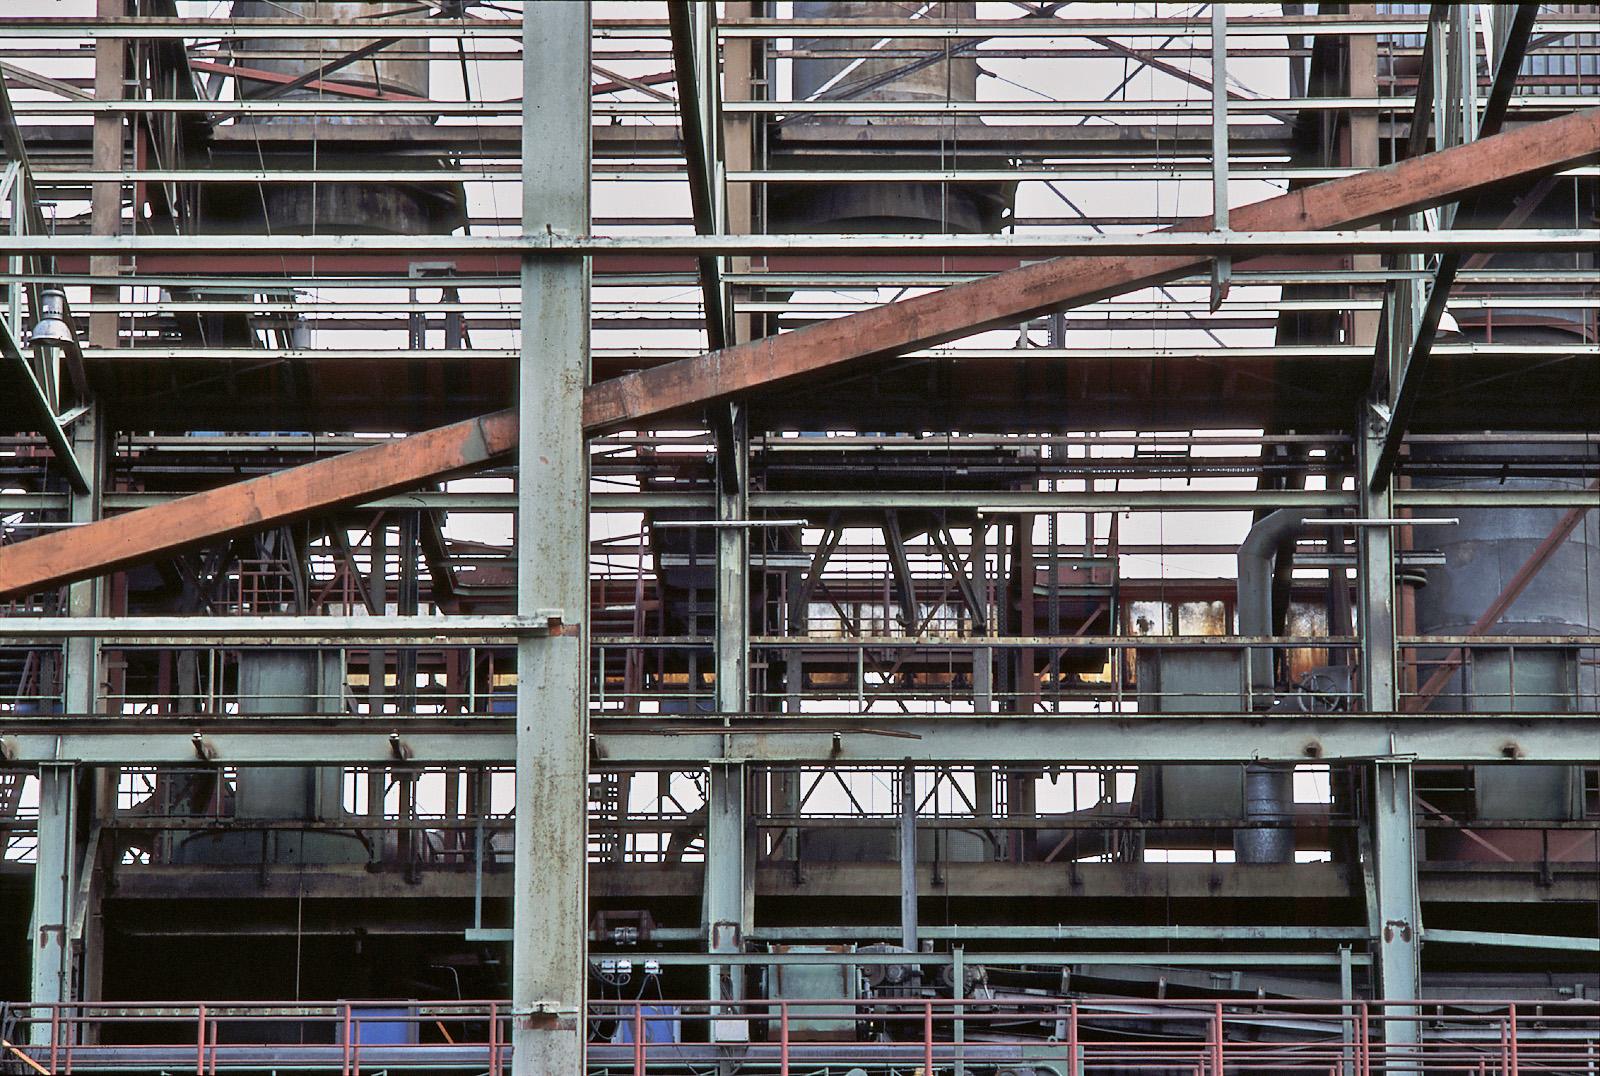 John Deere Mannheim Montagehallen im Abbau, um 2000